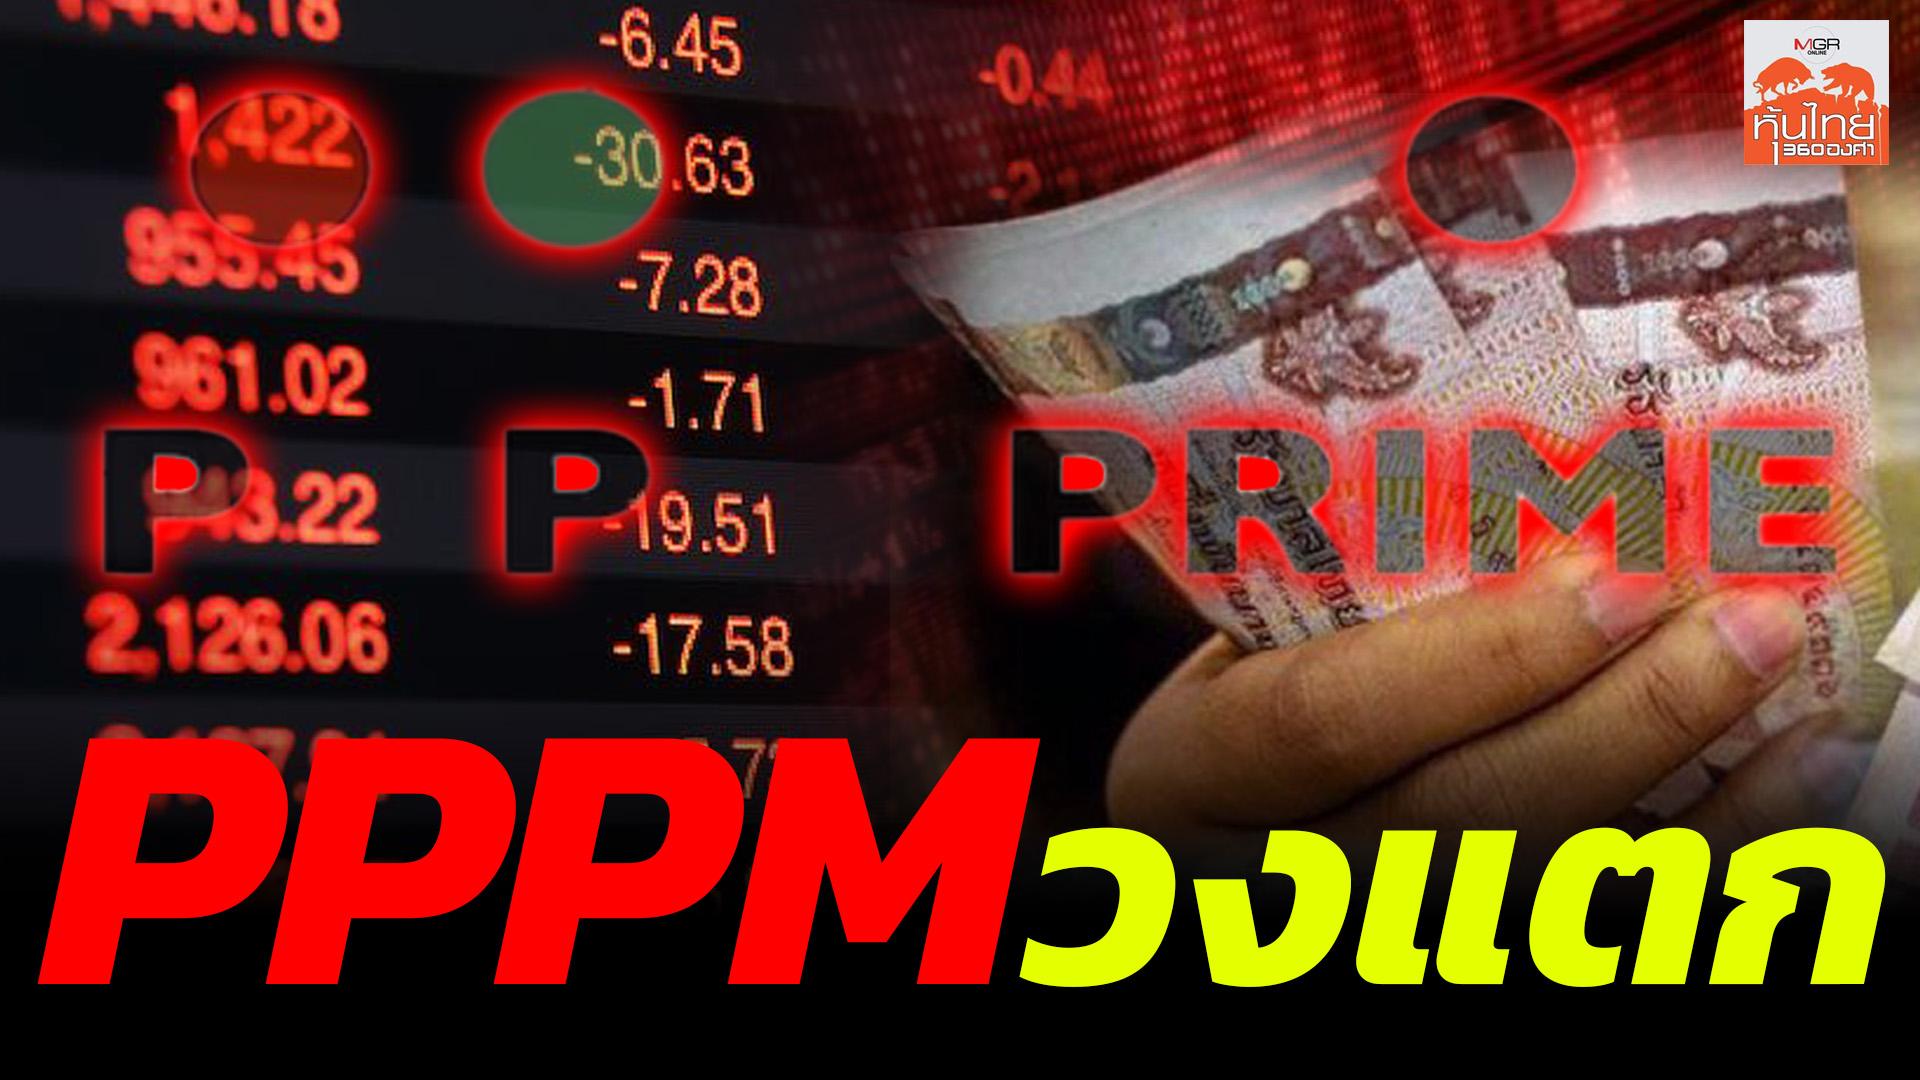 PPPM วงแตก / สุนันท์ ศรีจันทรา